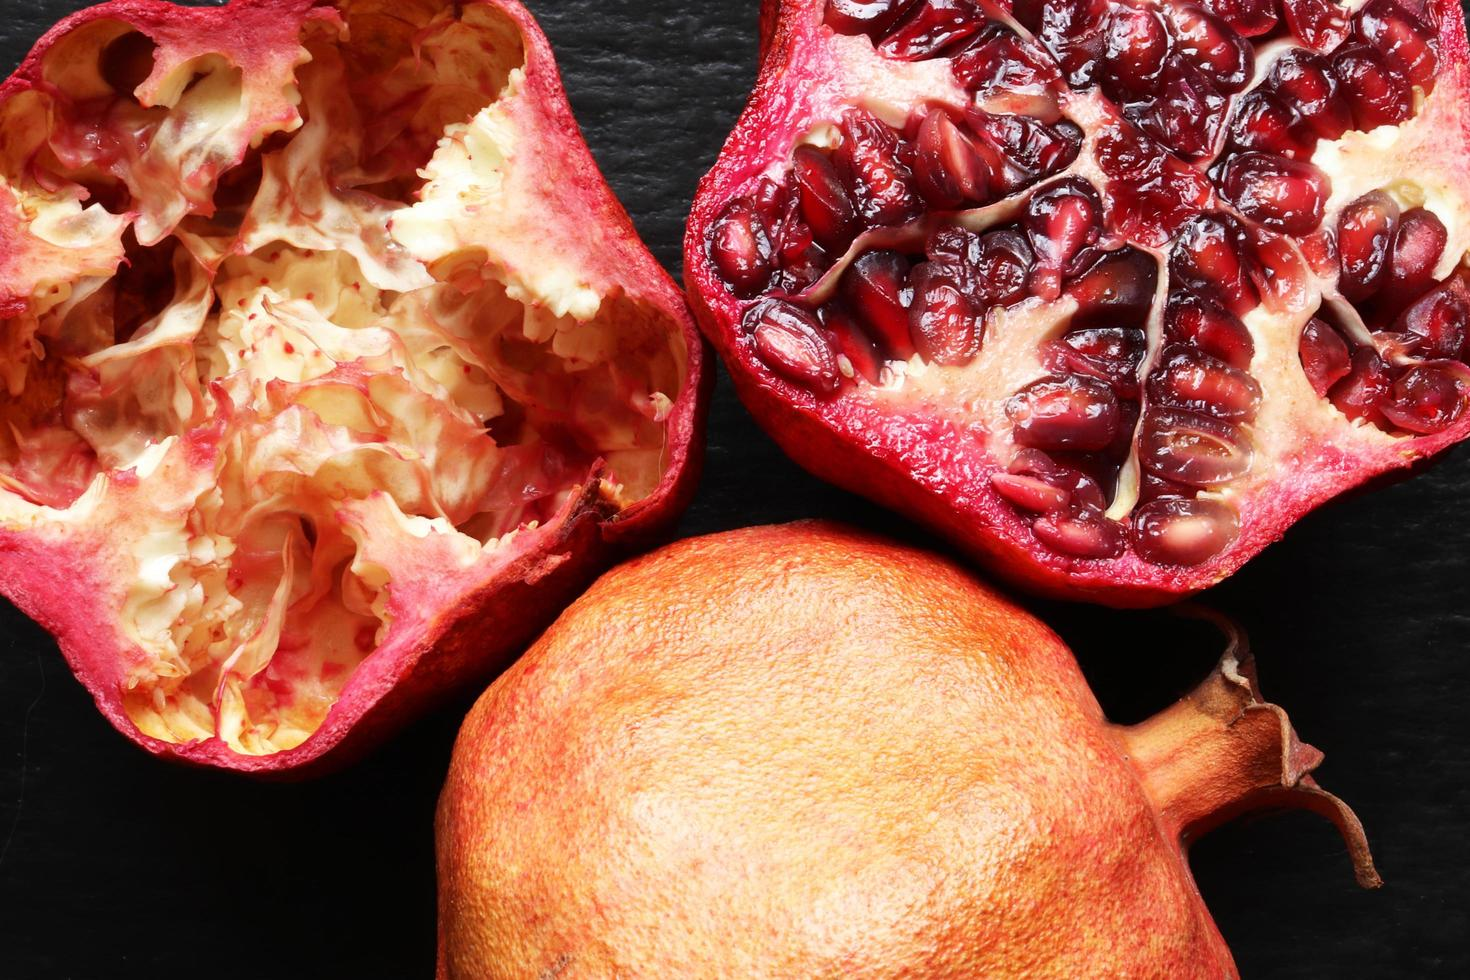 macrofotografie van twee biologische granaatappels foto